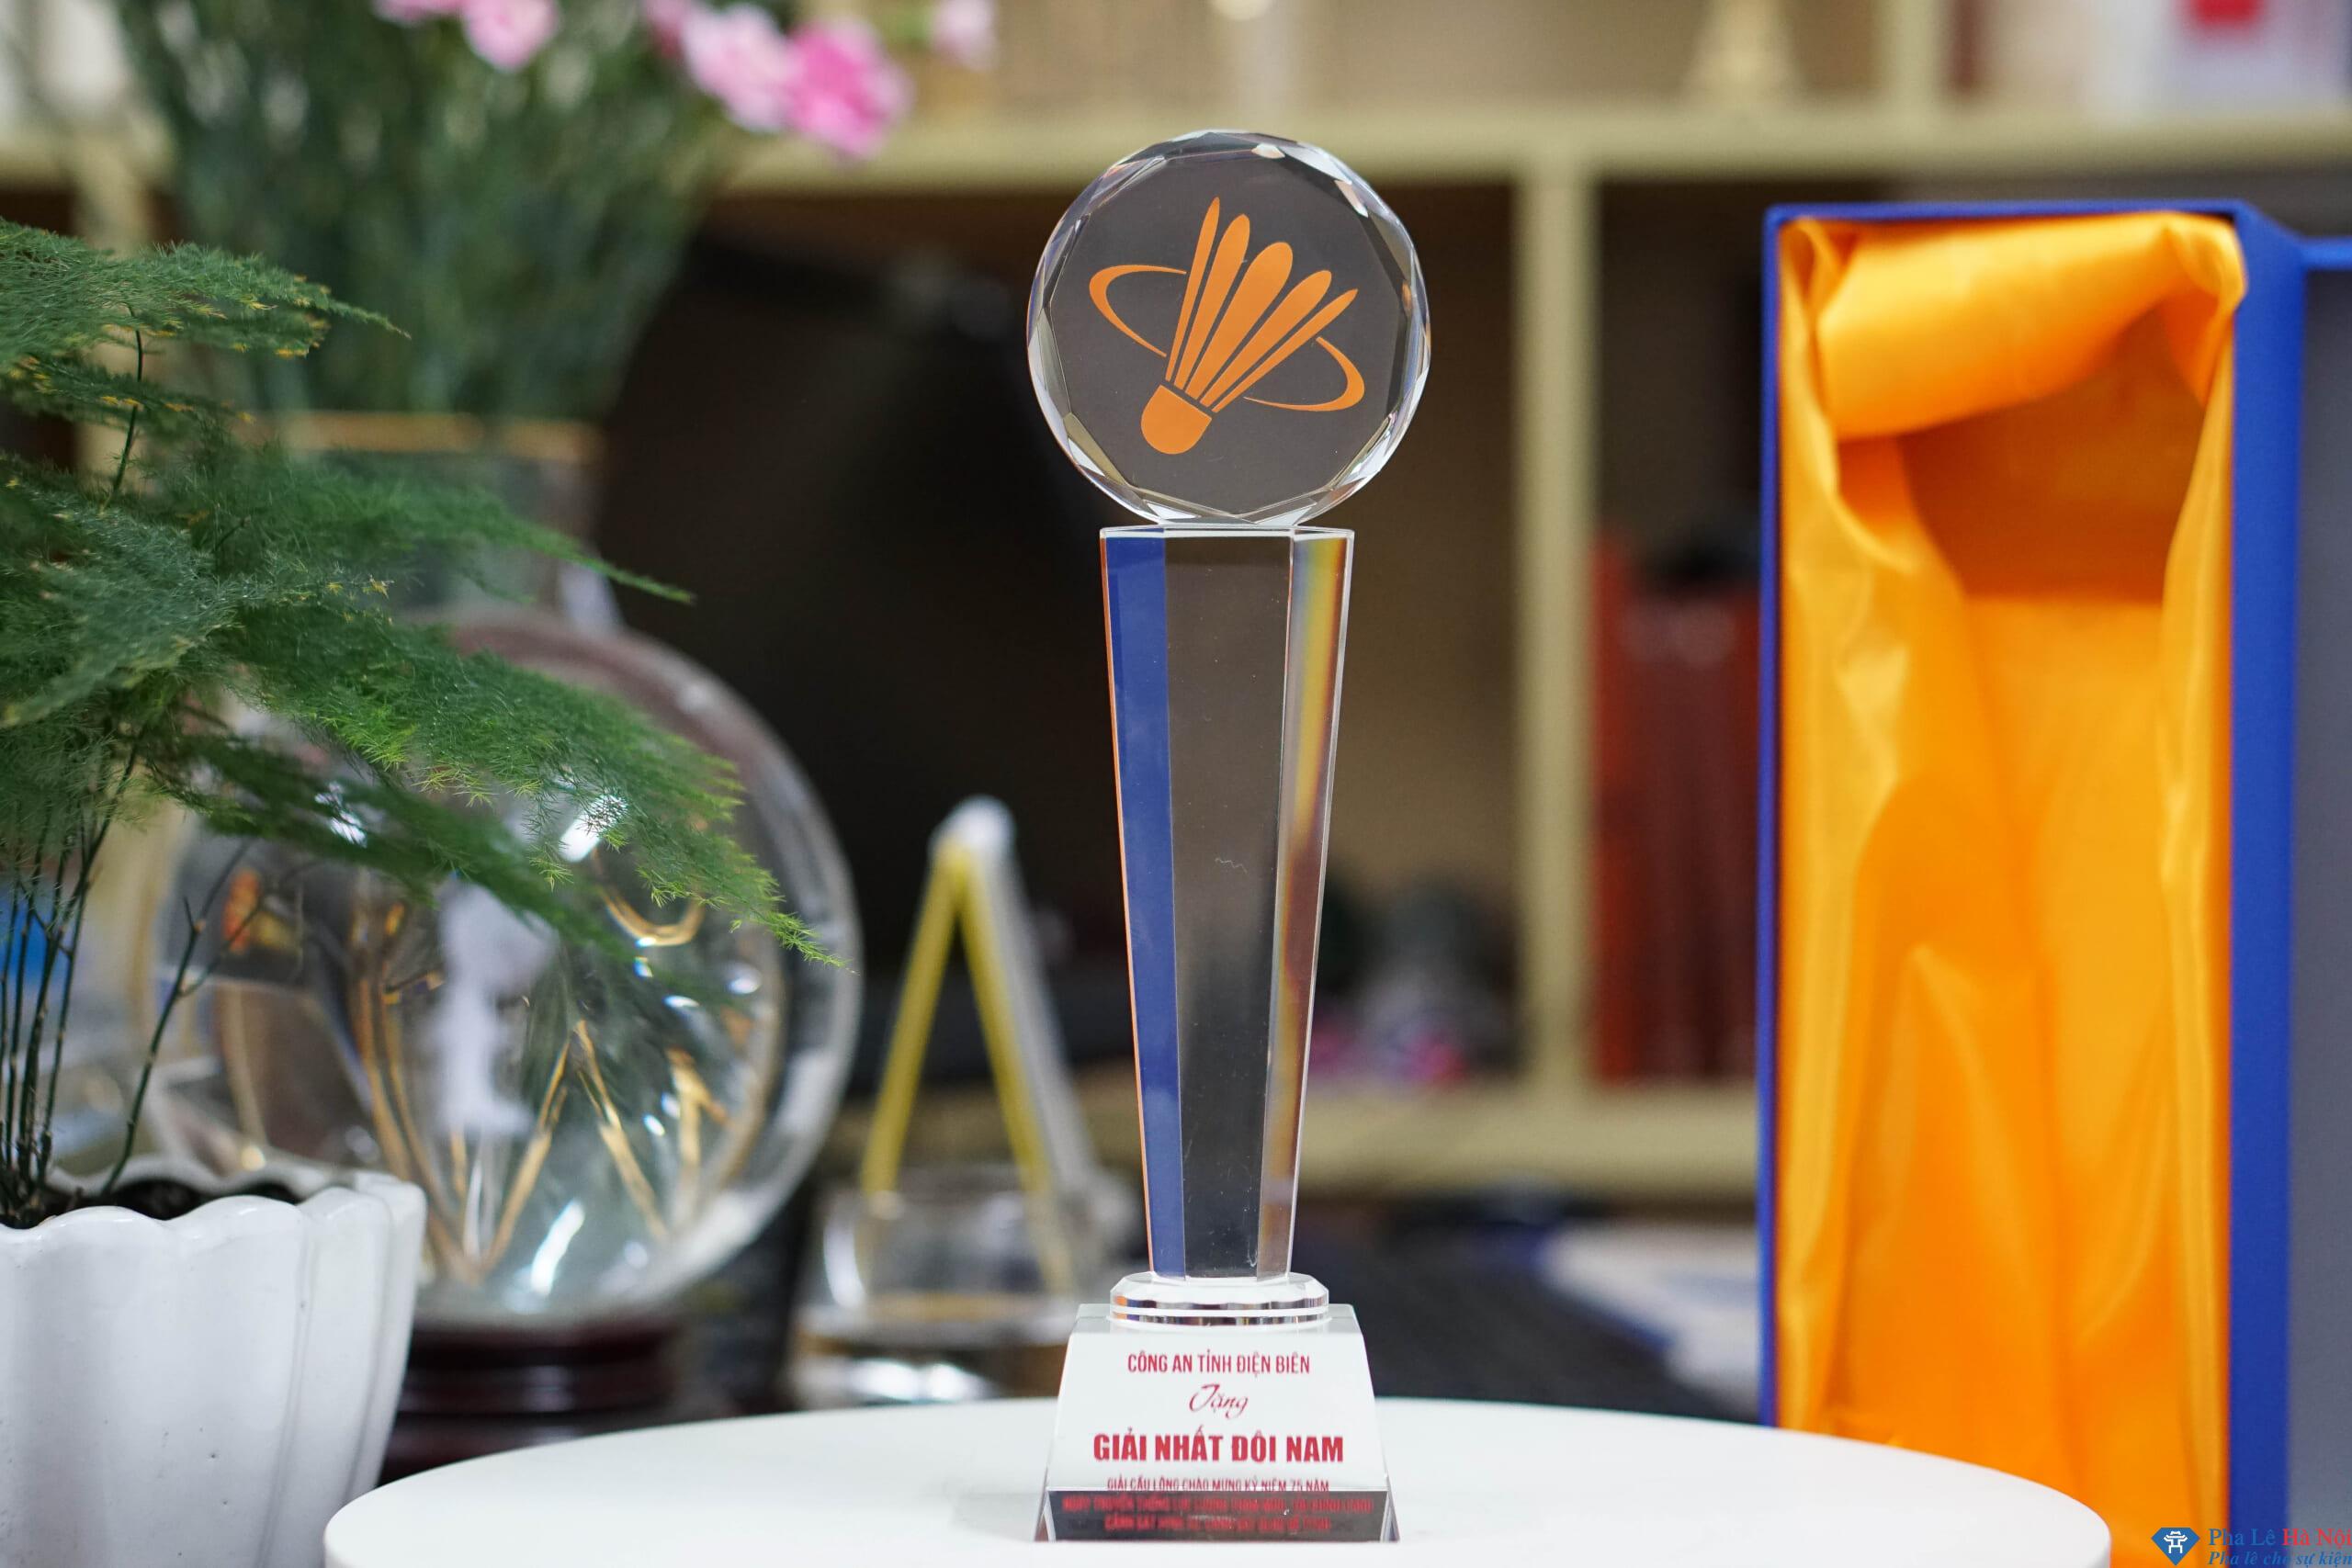 DSC01209 scaled - Cup pha lê thể thao Công An Tỉnh Điện Biên